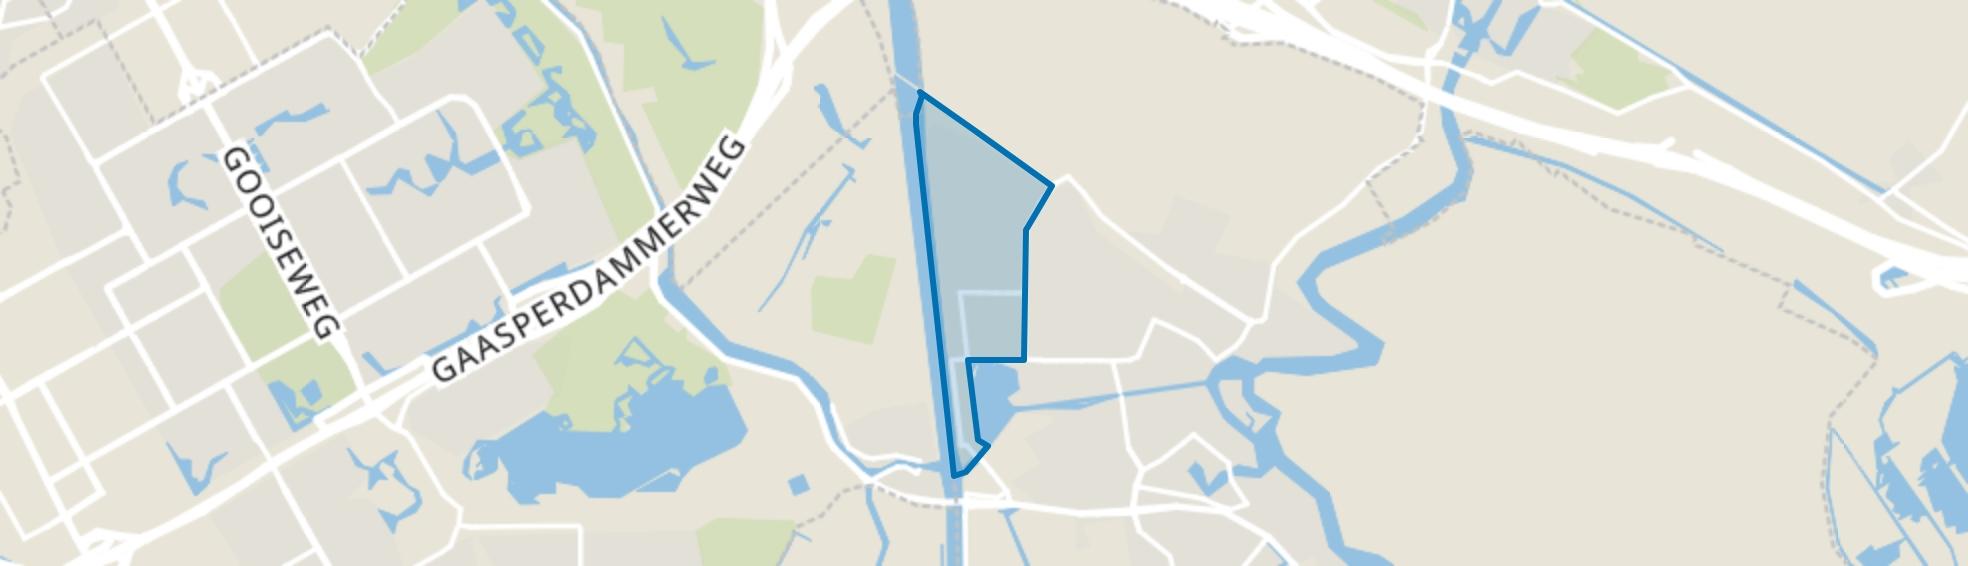 Bedrijventerrein Noord, Weesp map